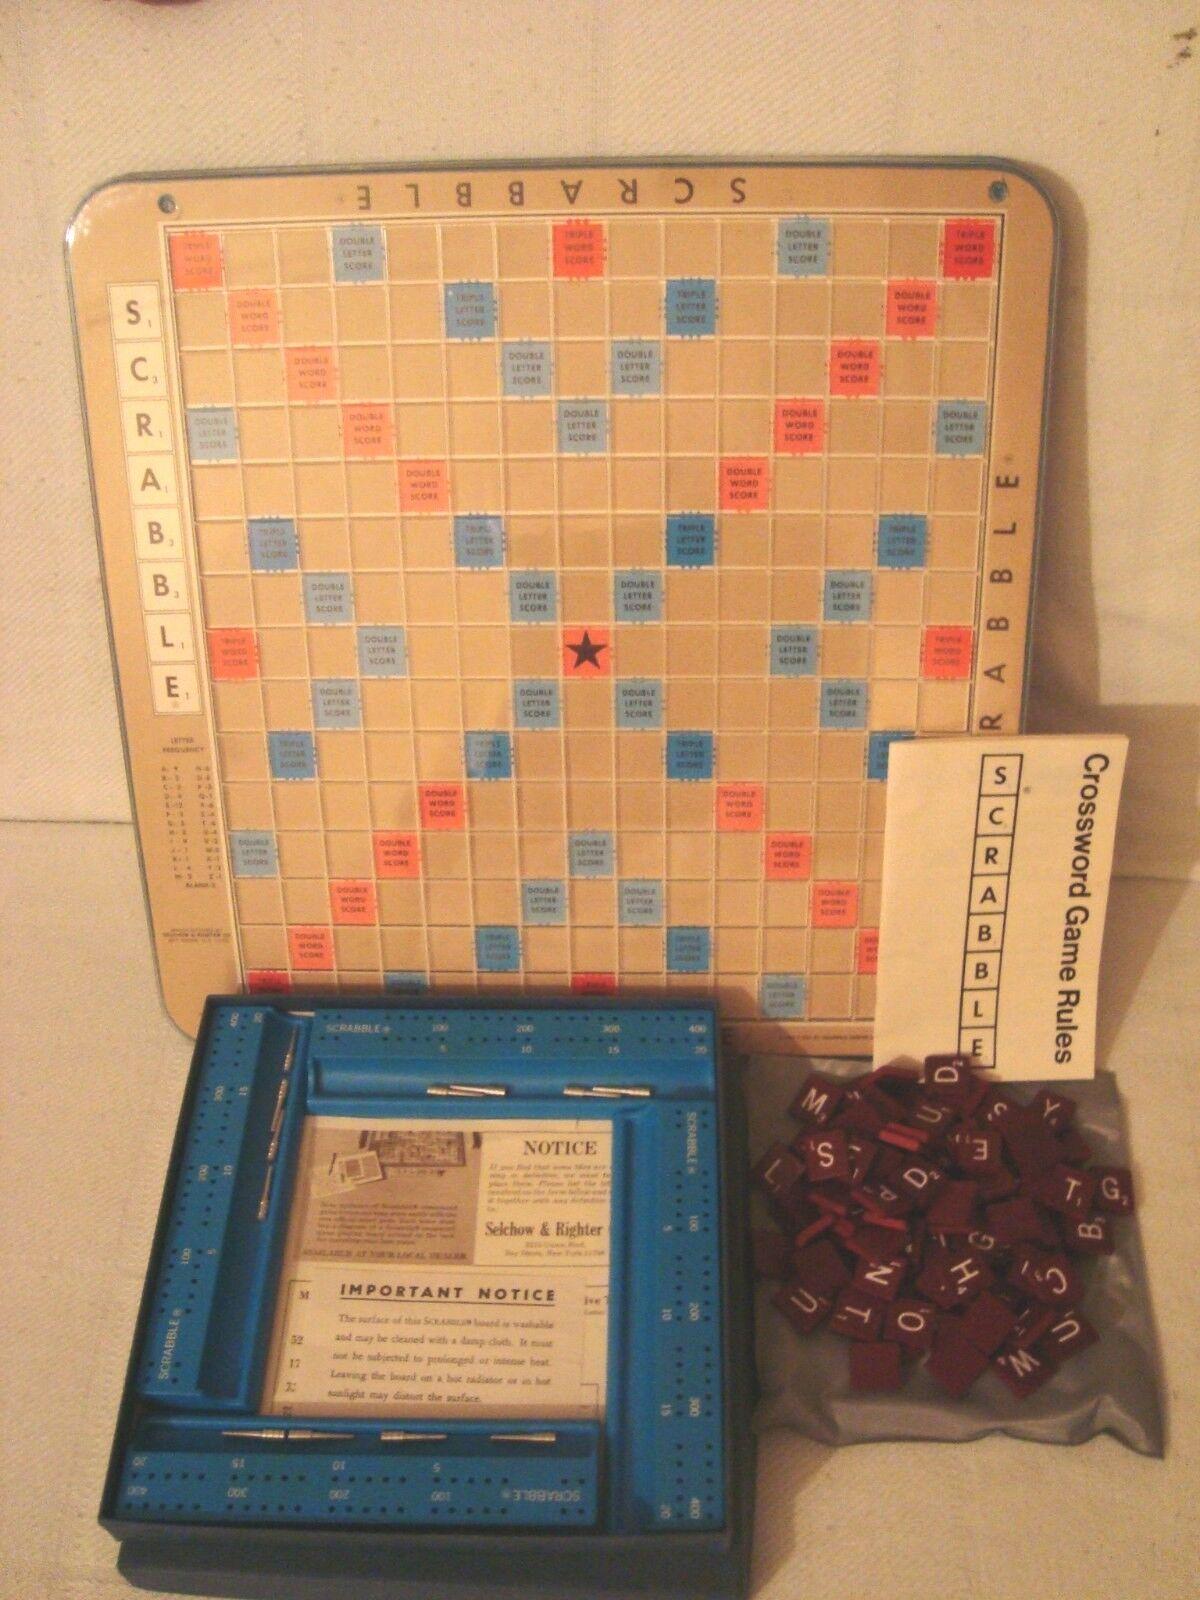 envío gratis Vintage 1976 Scrabble Deluxe Edition Crucigrama Juego Juego Juego Selchow & Righter  100% autentico